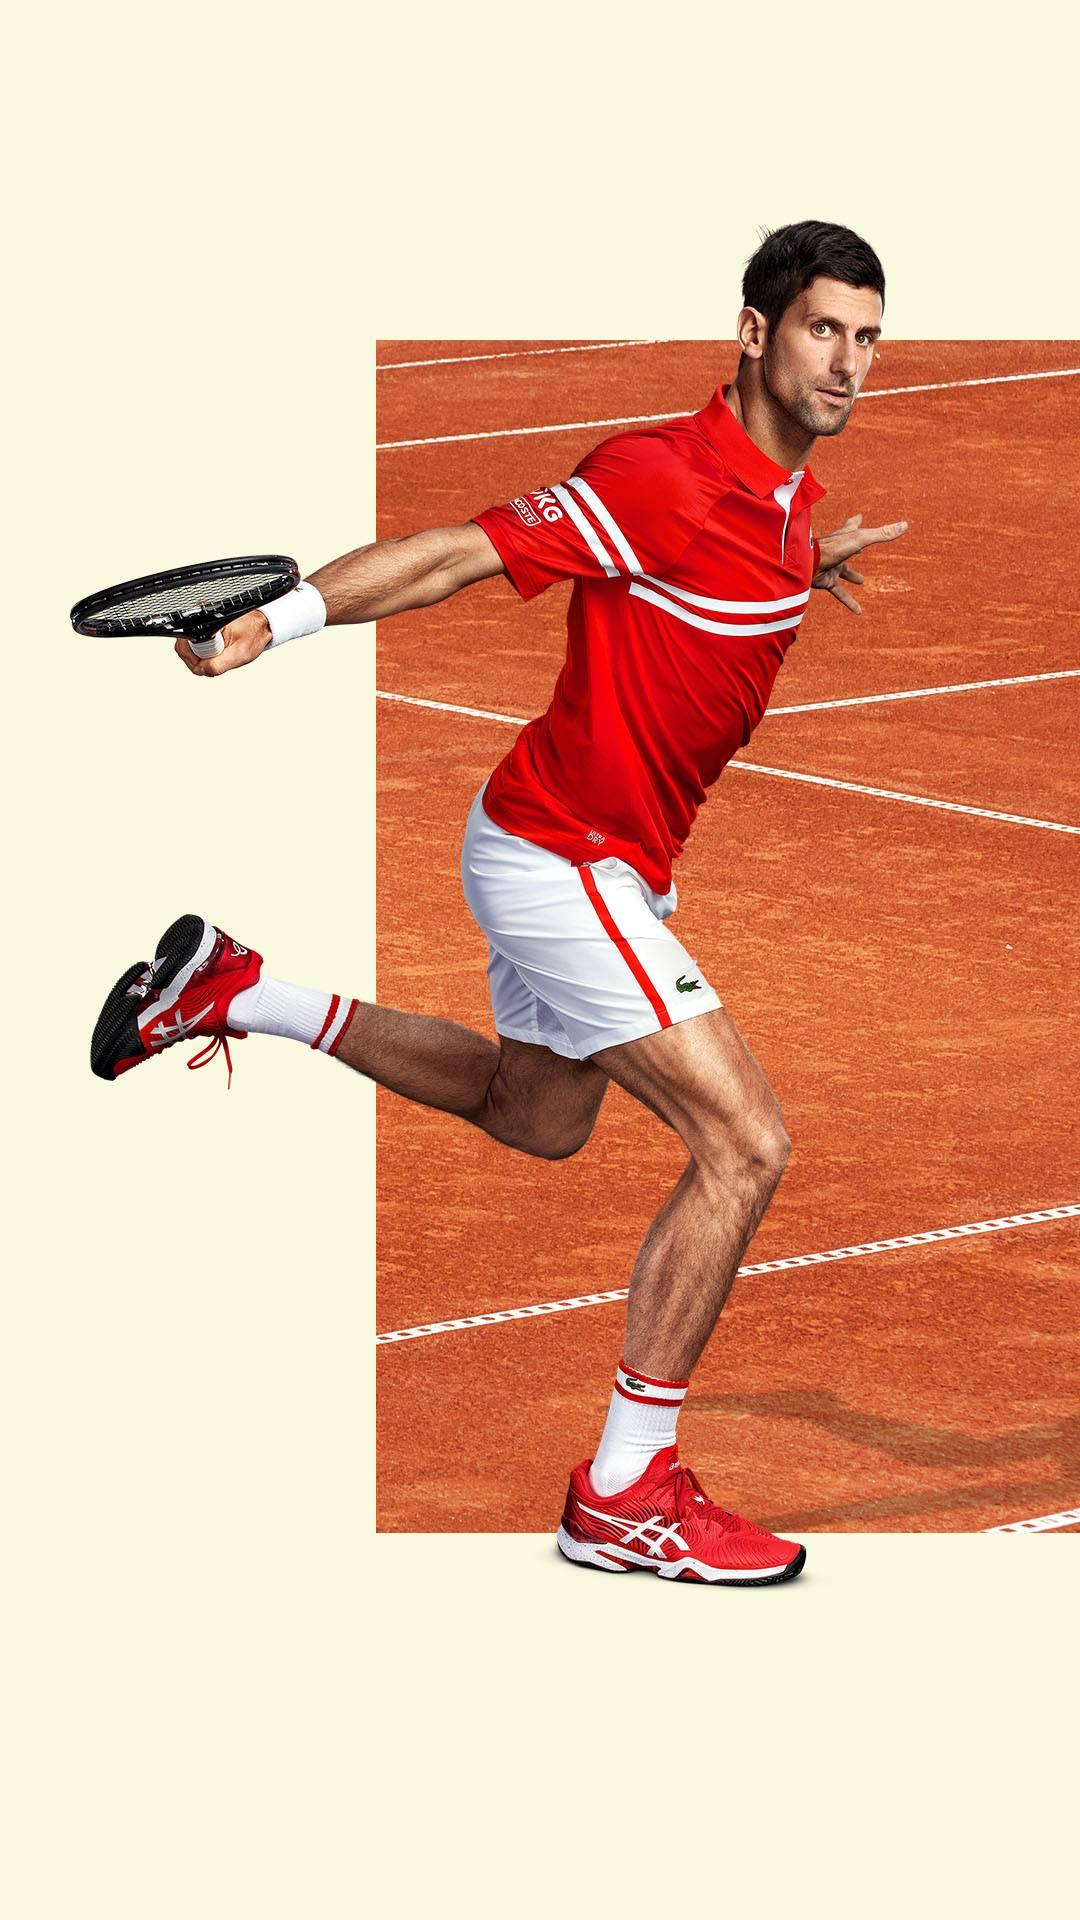 Asics signs up Novak Djokovic as footwear ambassador